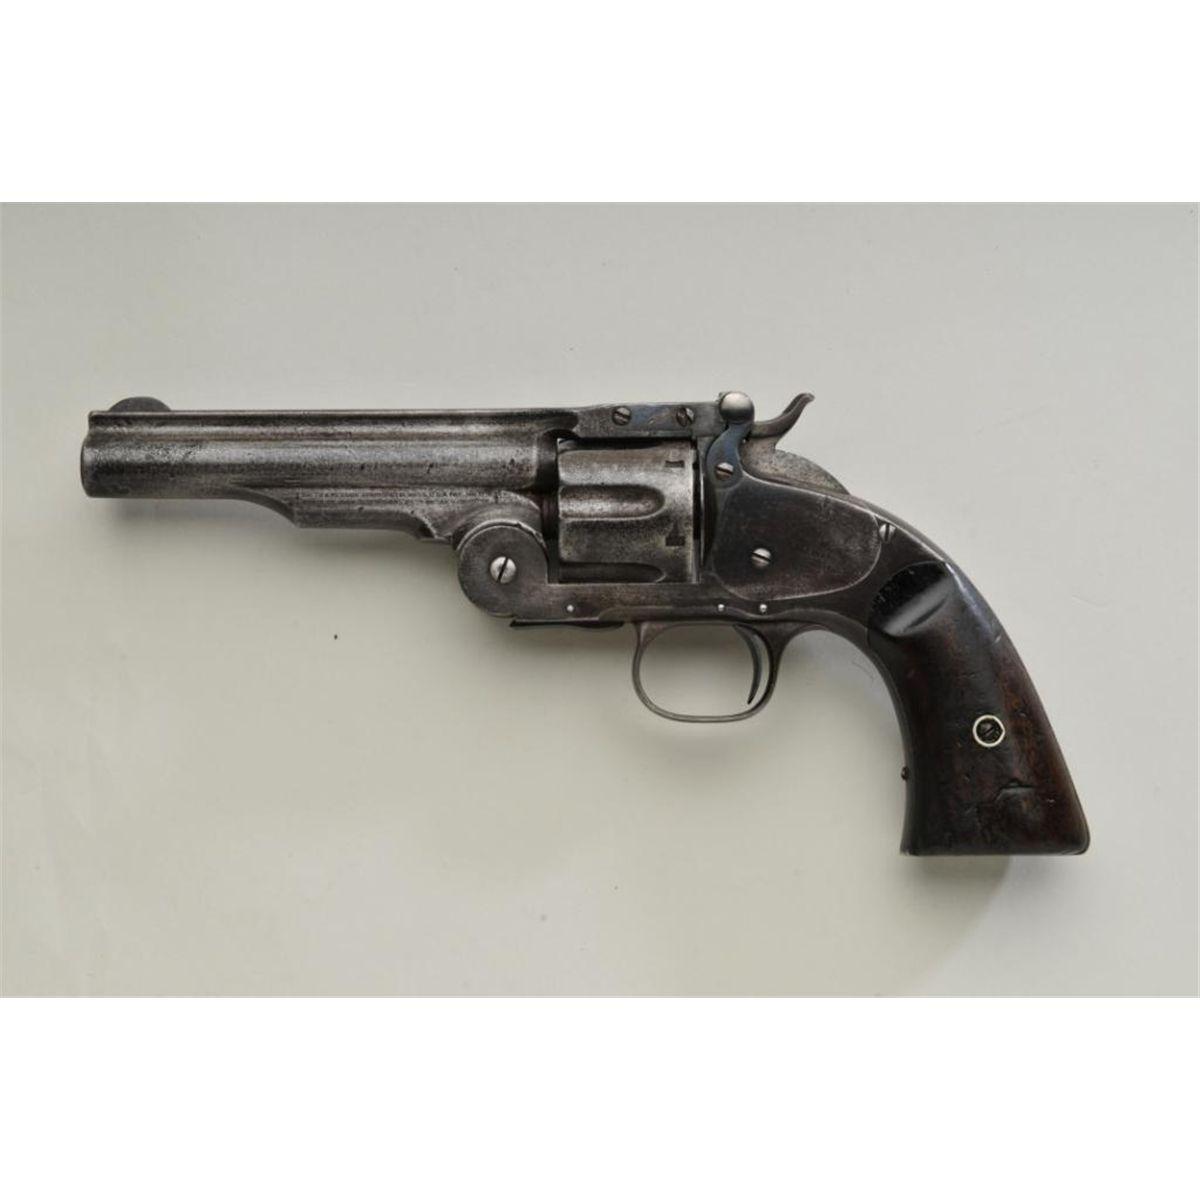 Smith & Wesson Schofield Model .45 Caliber Revolver, US